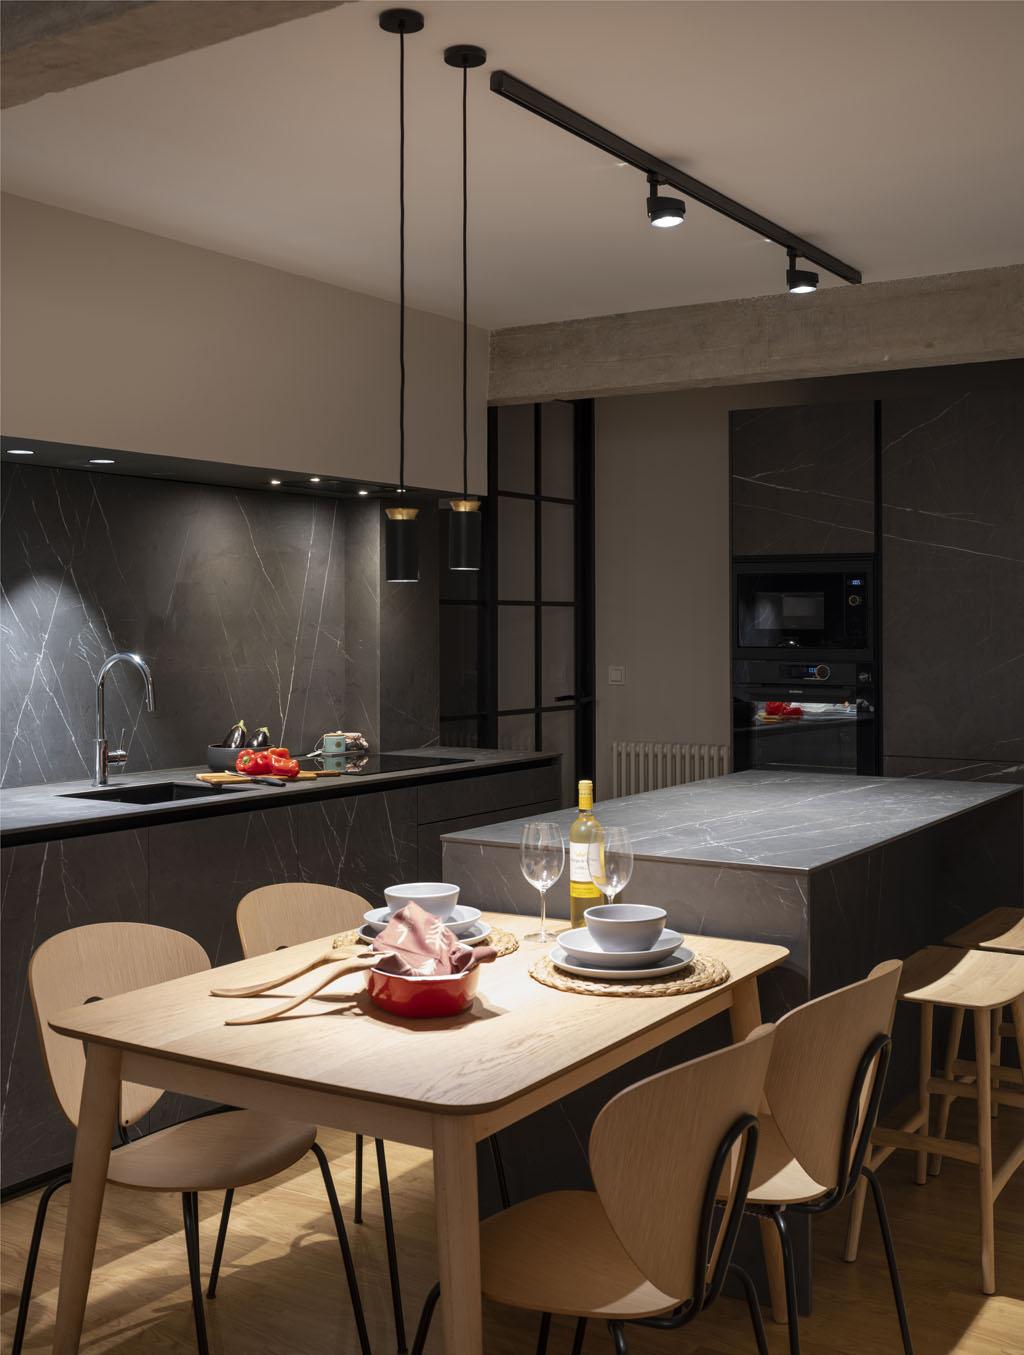 PISO.A_WEB_011-Erlantz Biderbost fotografo de arquitectura e interiores